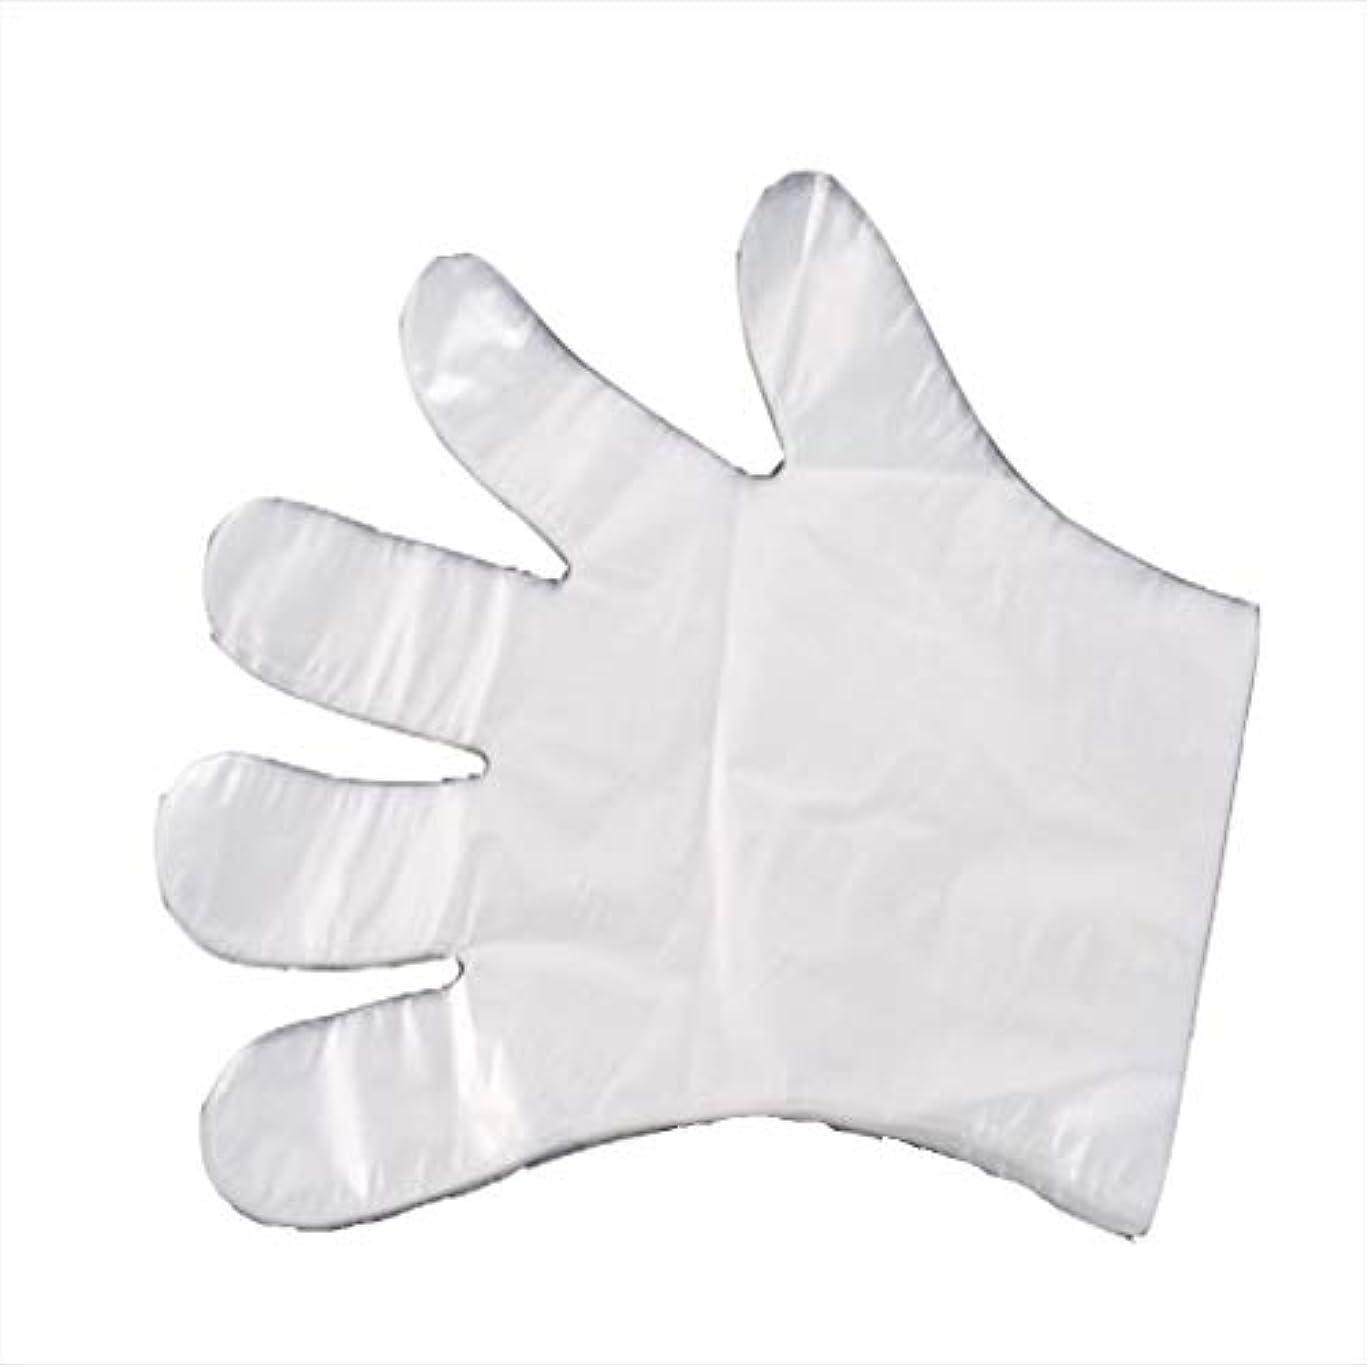 高尚な倒錯思想手袋、使い捨て手袋、食事、ヘアケア、肥厚、透明フィルム手袋、肥厚1000。